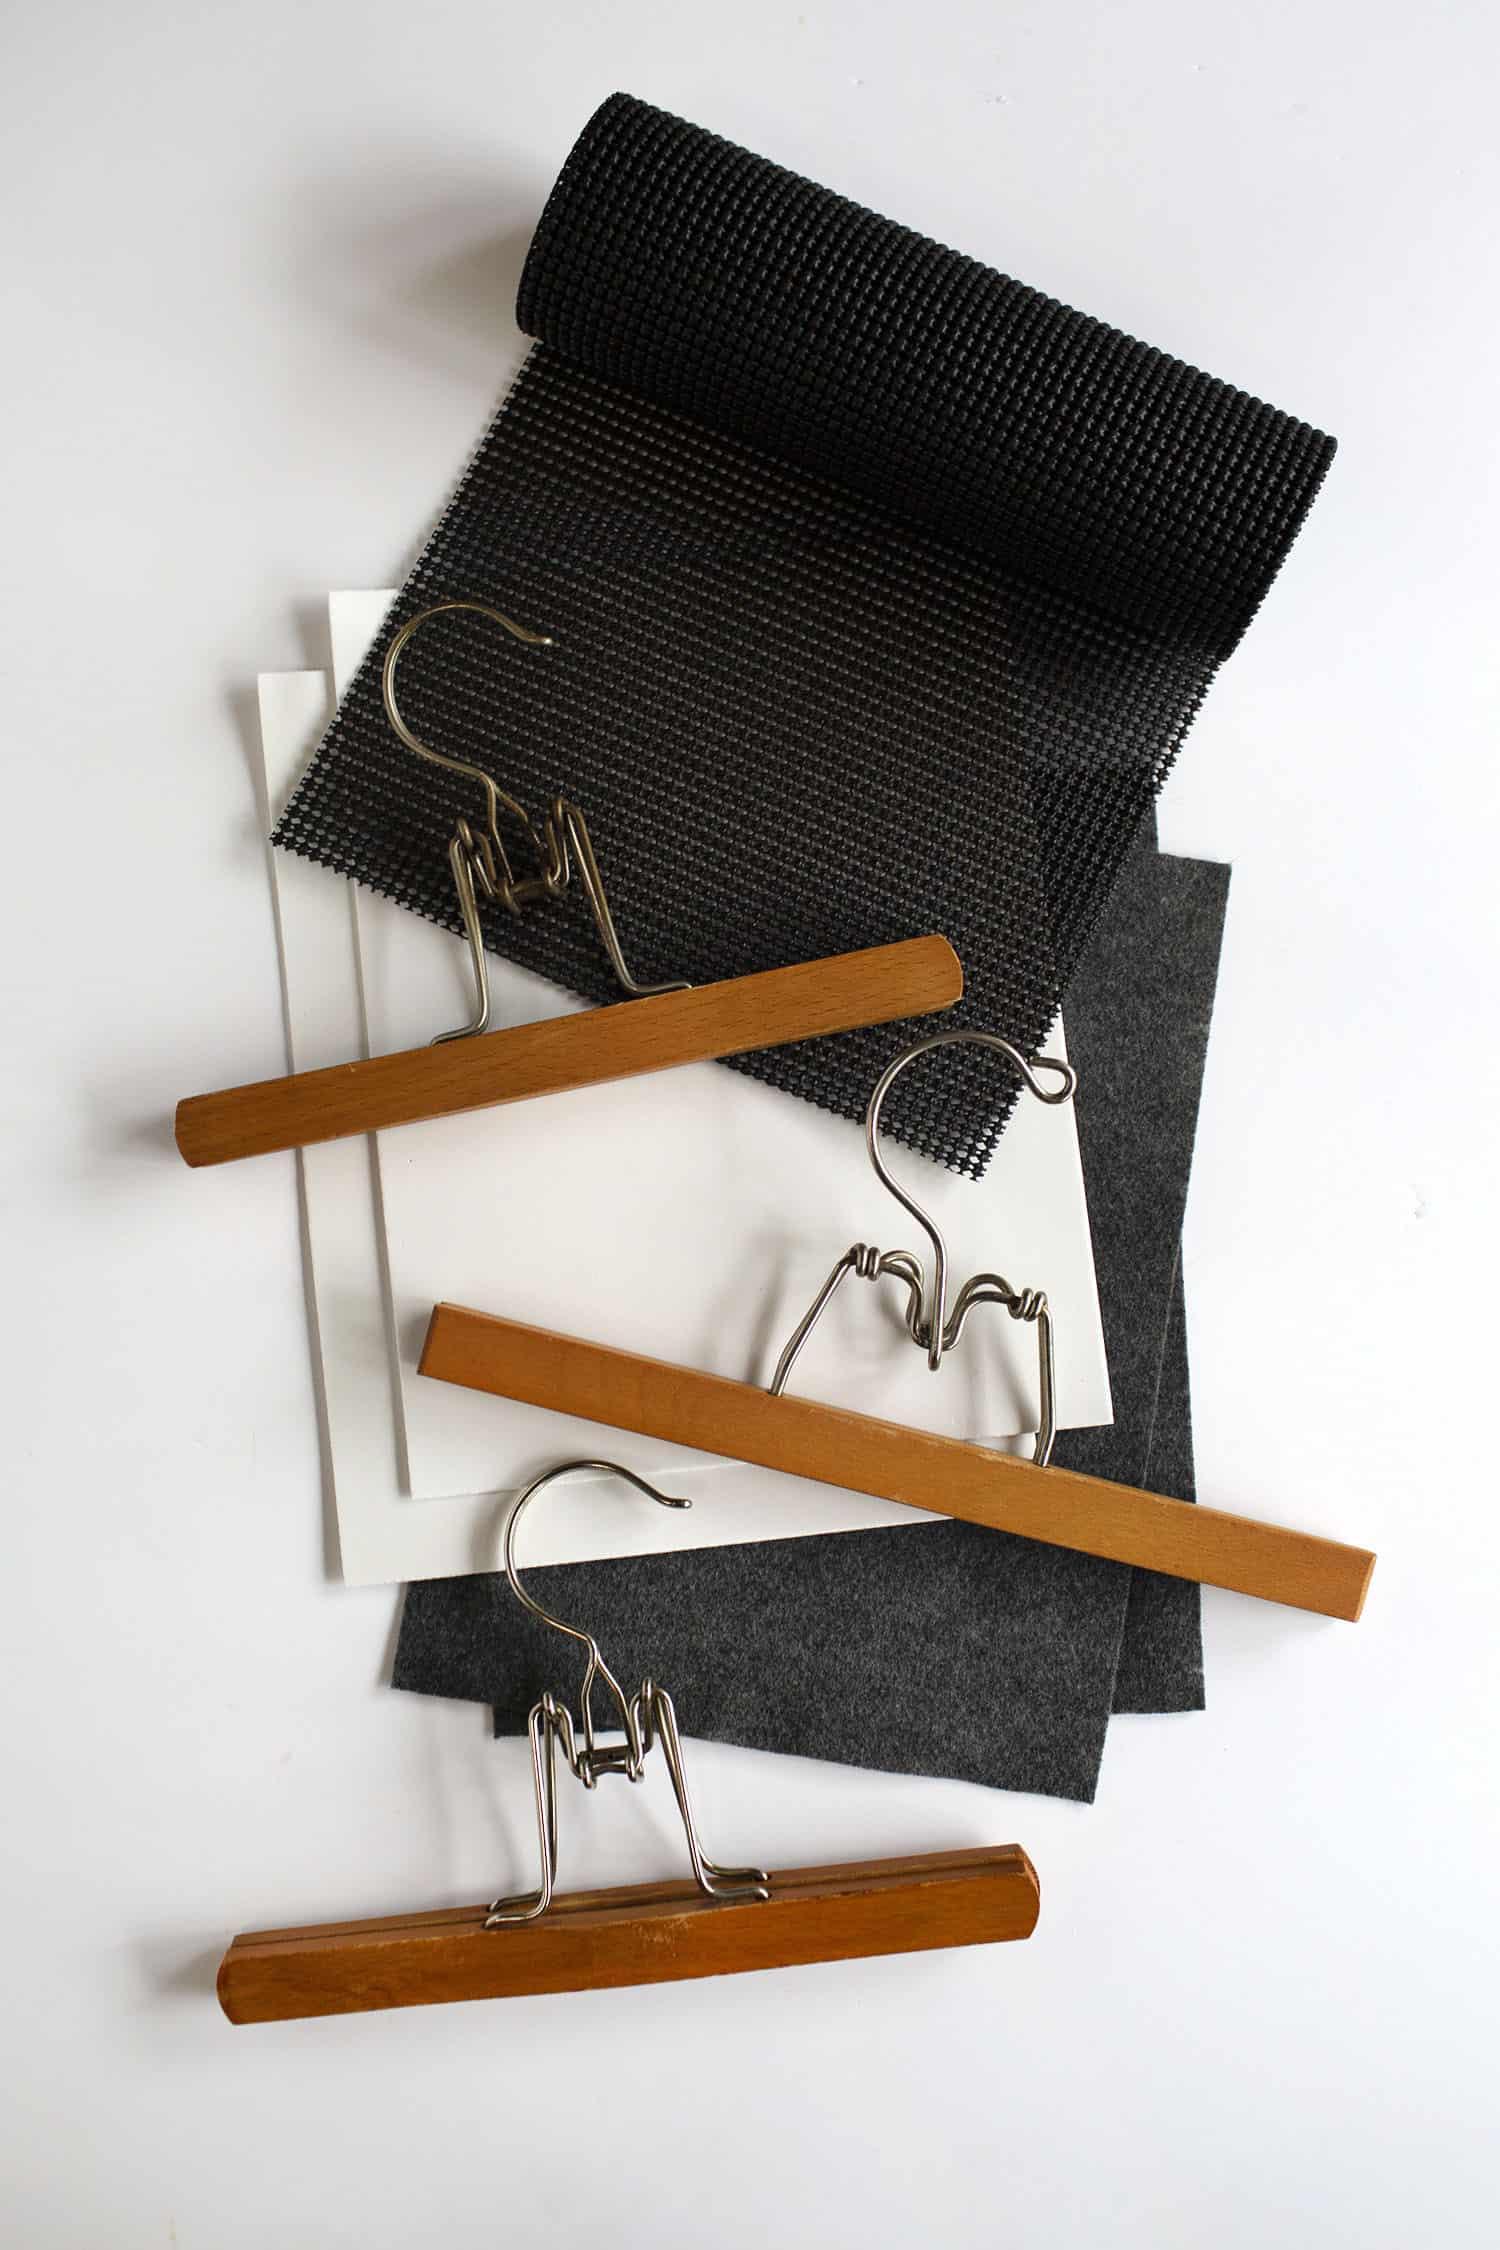 Schnelle + einfache Aufhängerrahmen aus Holz